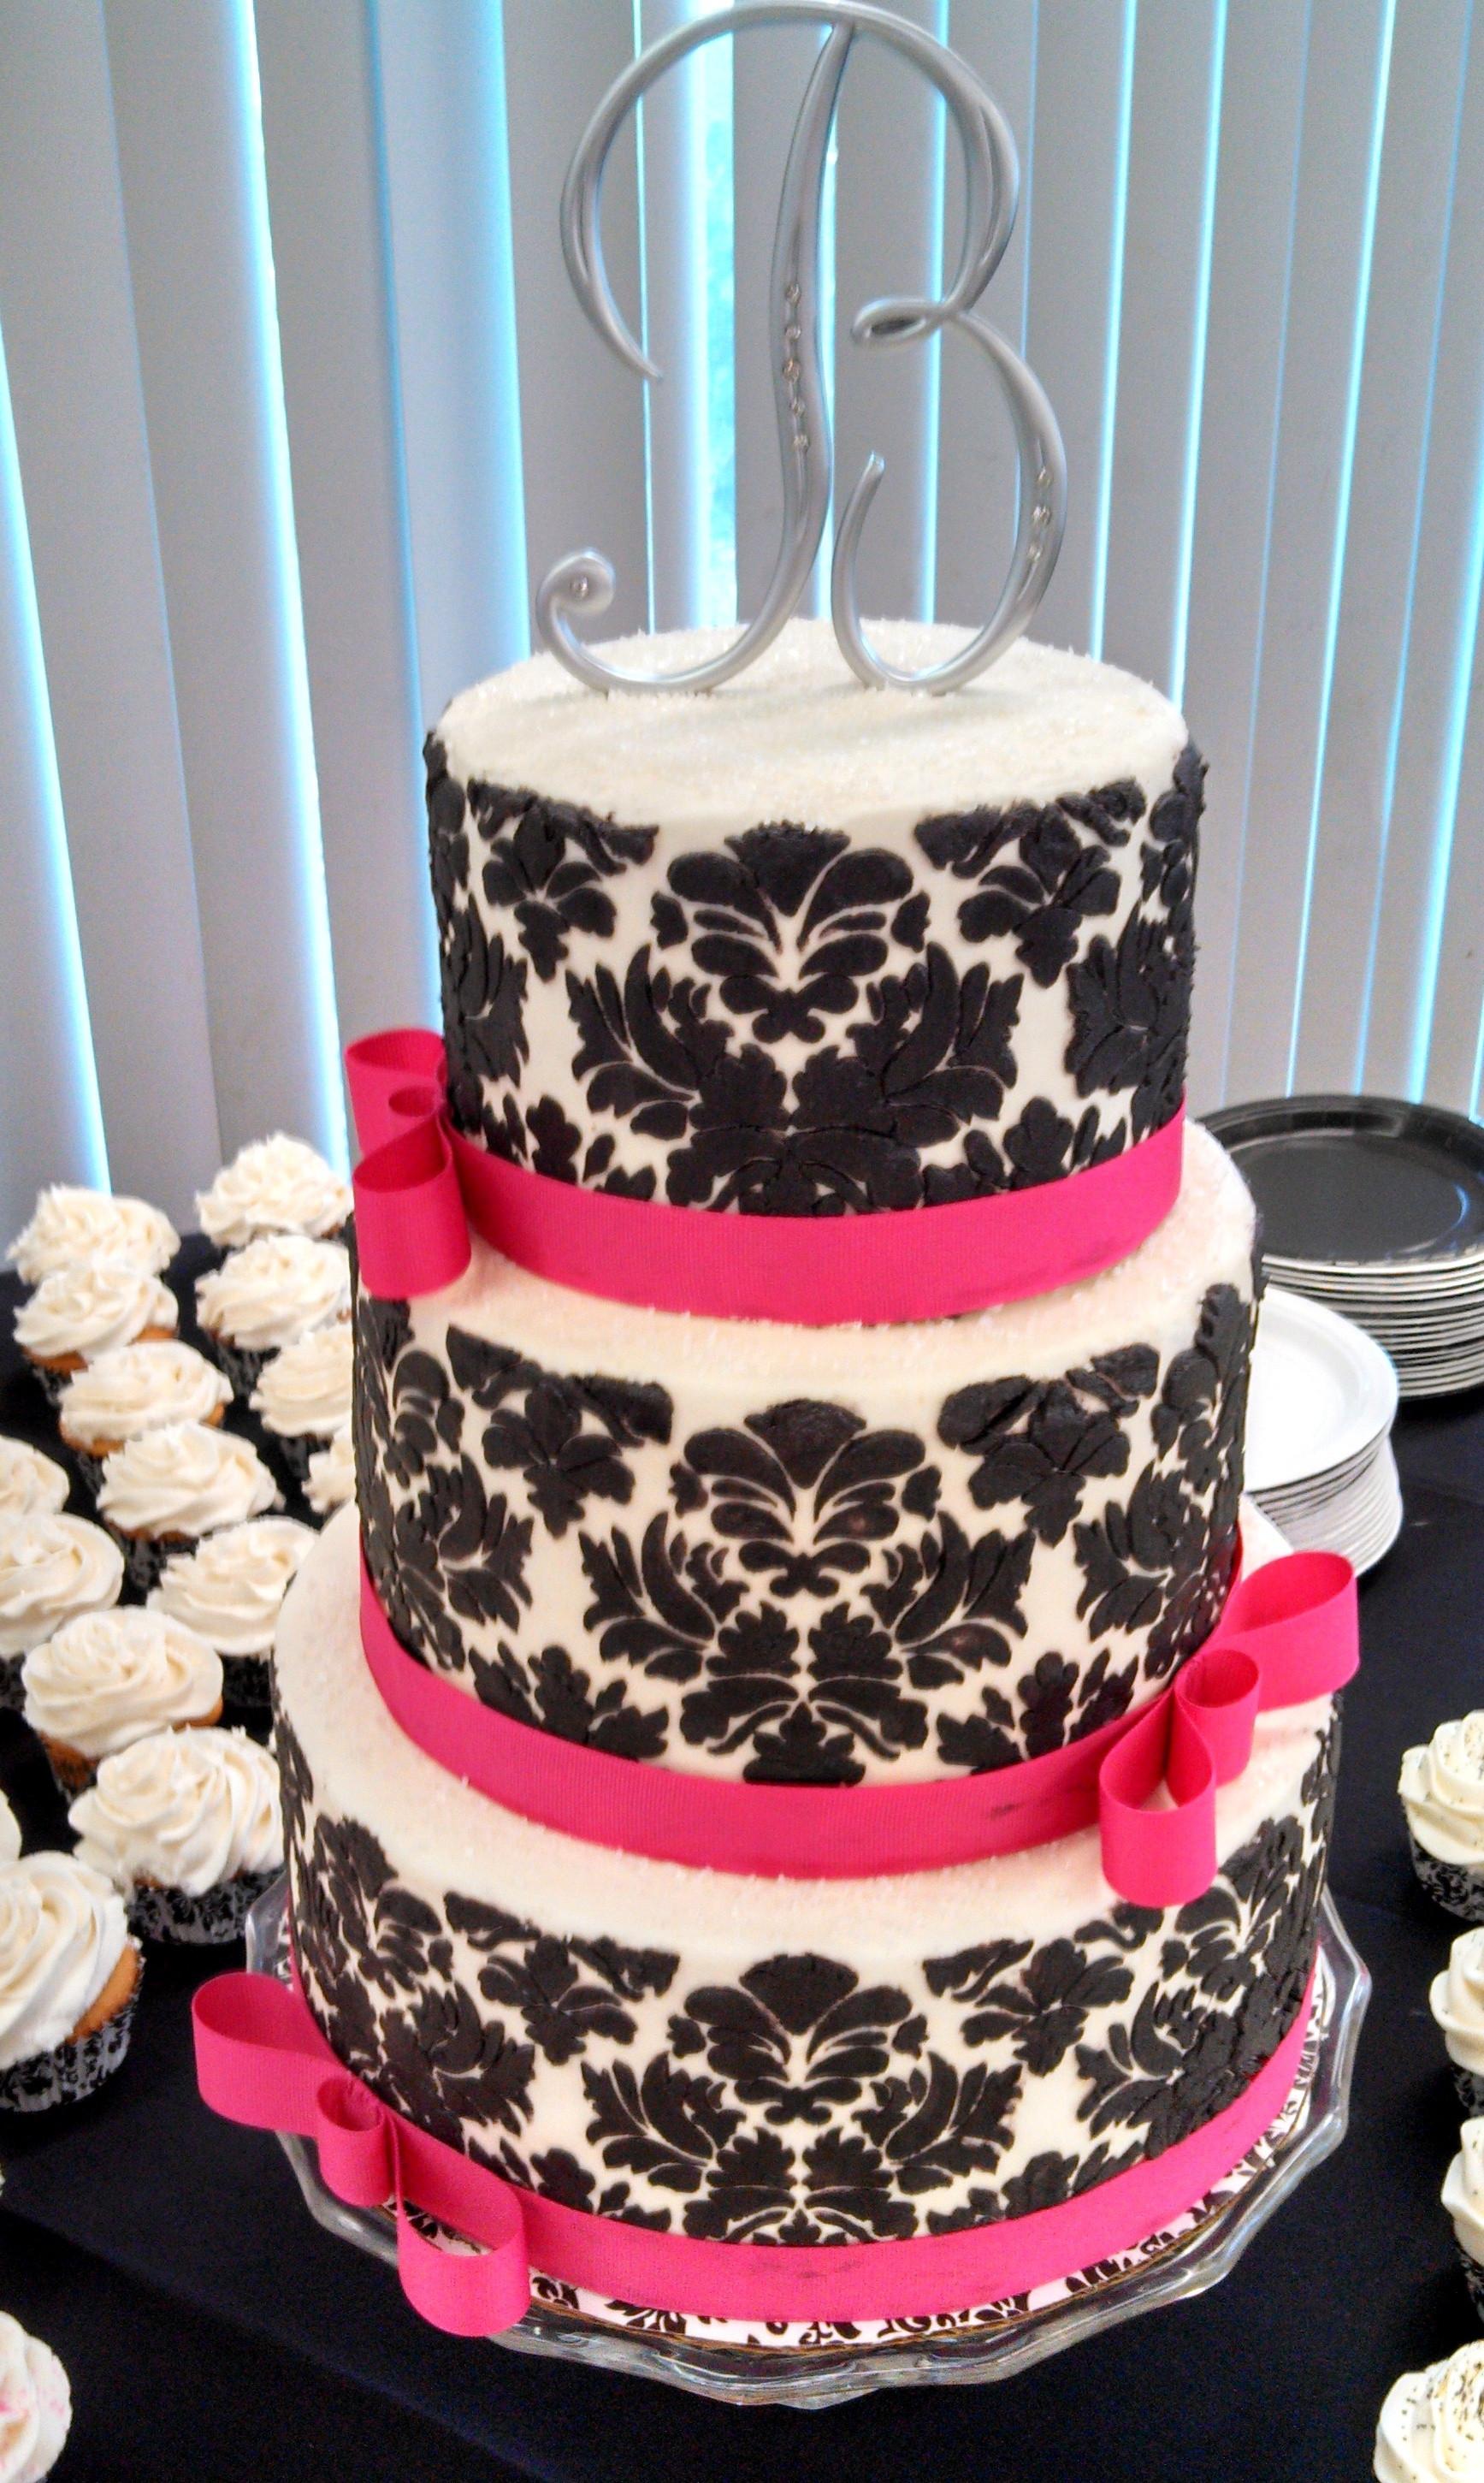 Damask Wedding Cakes  Old World Style Black And White Damask Wedding Cake